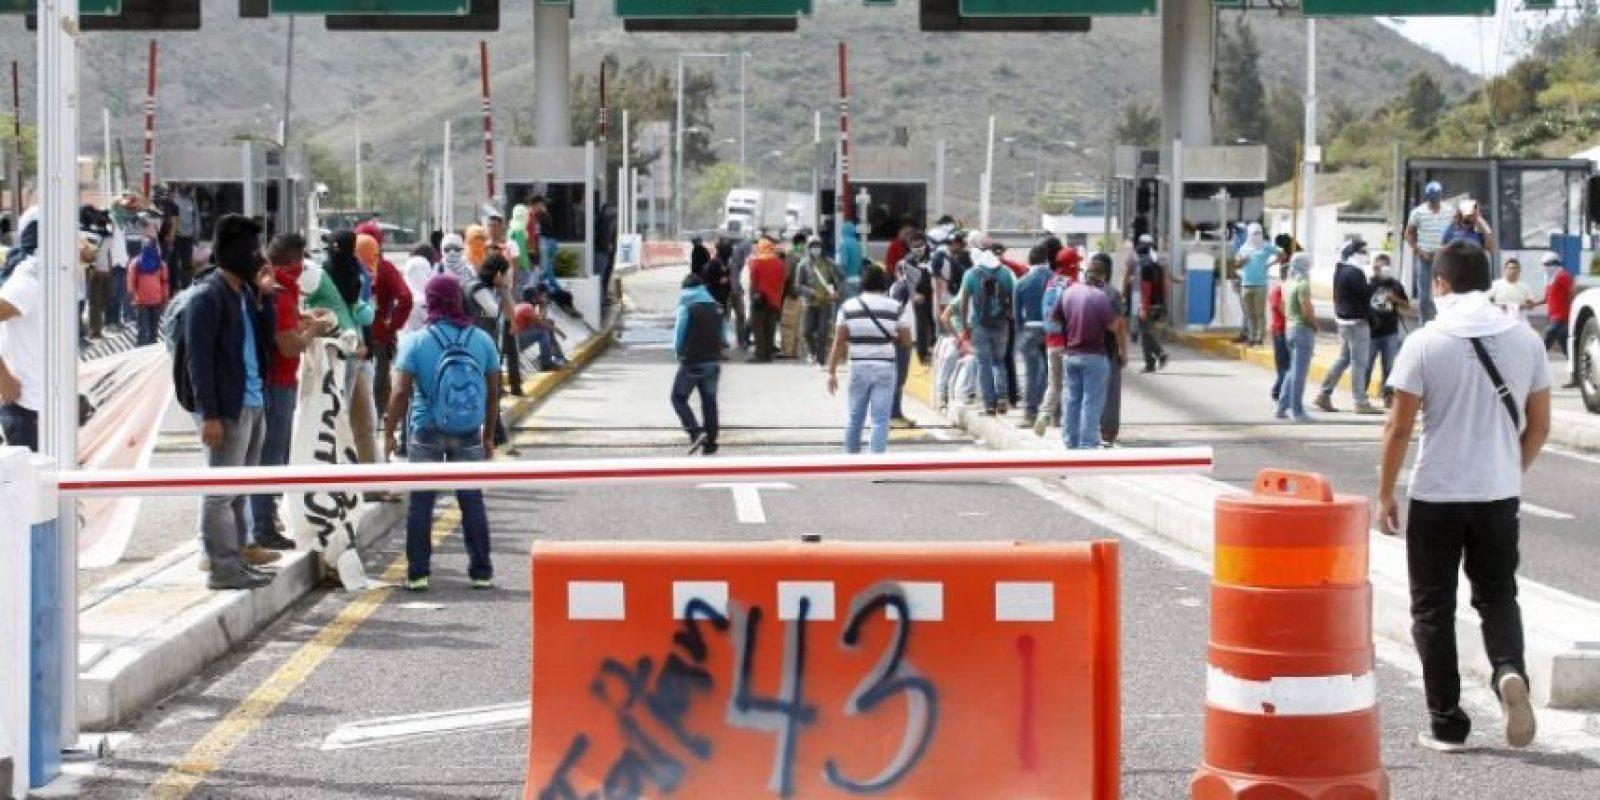 Entre las principales protestas se encuentra el caso de los jóvenes estudiantes desaparecidos en Iguala, Guerrero Foto:AFP